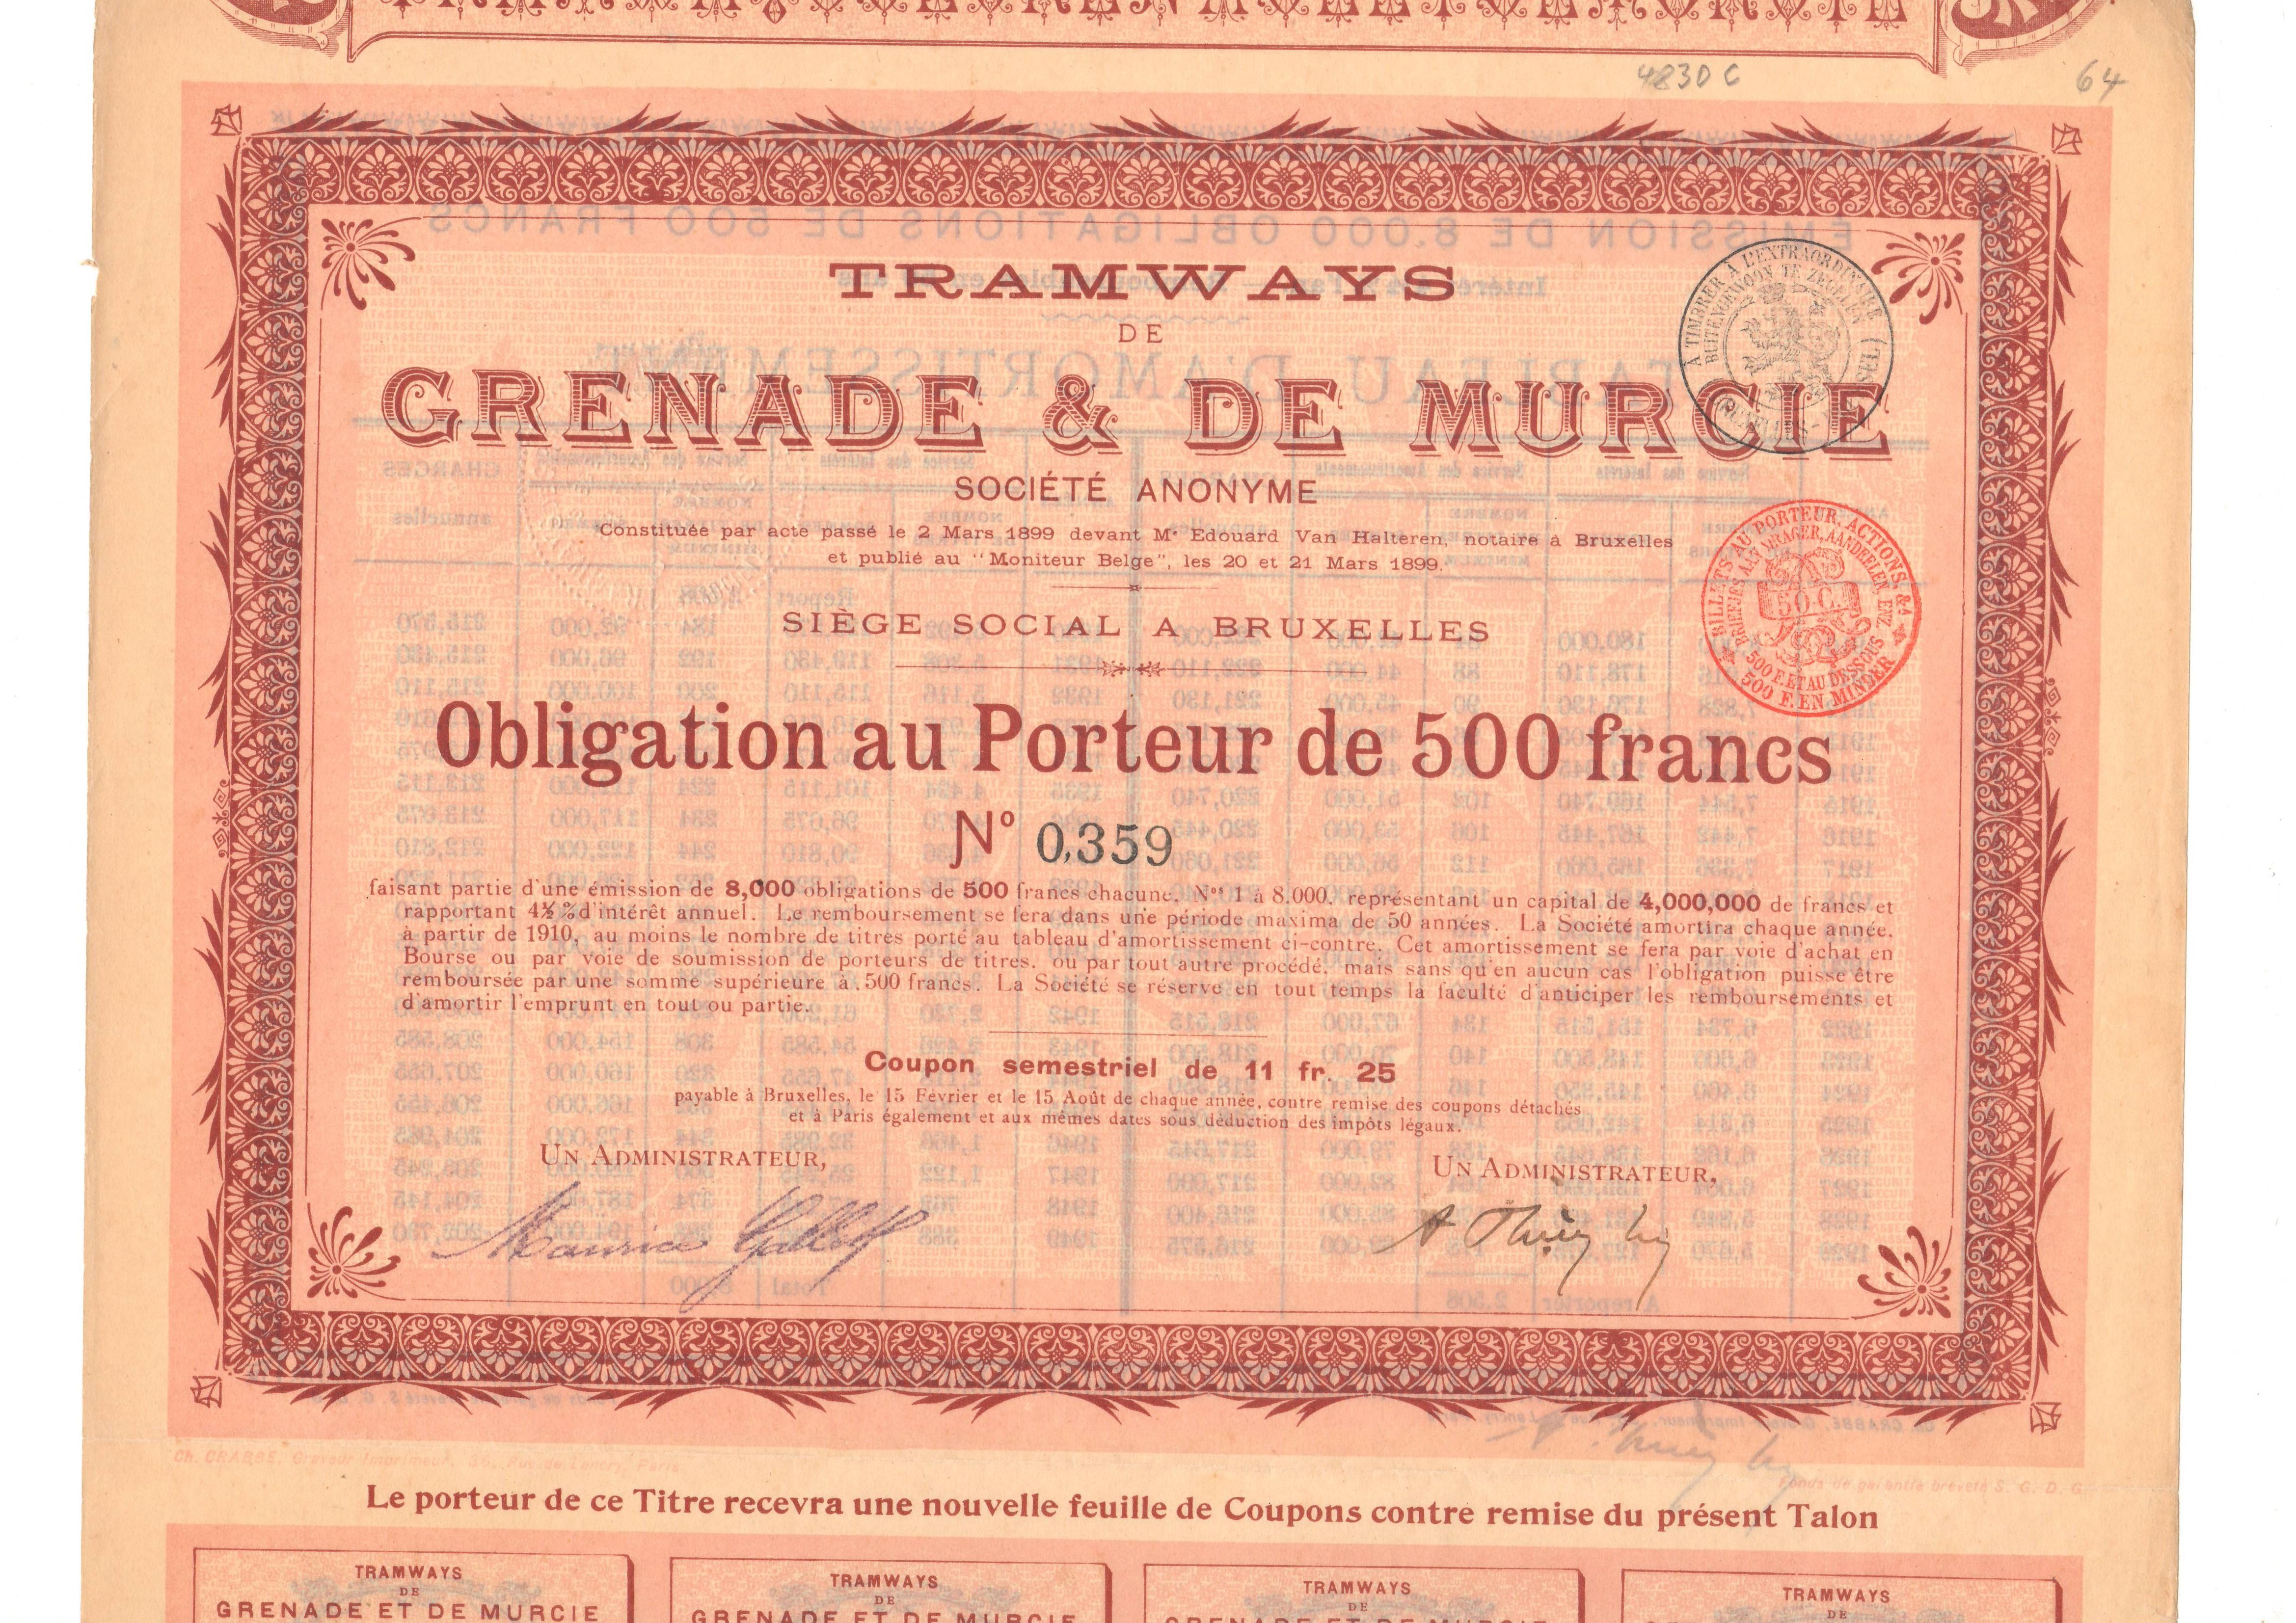 Tramways de Grenade y de Murcie